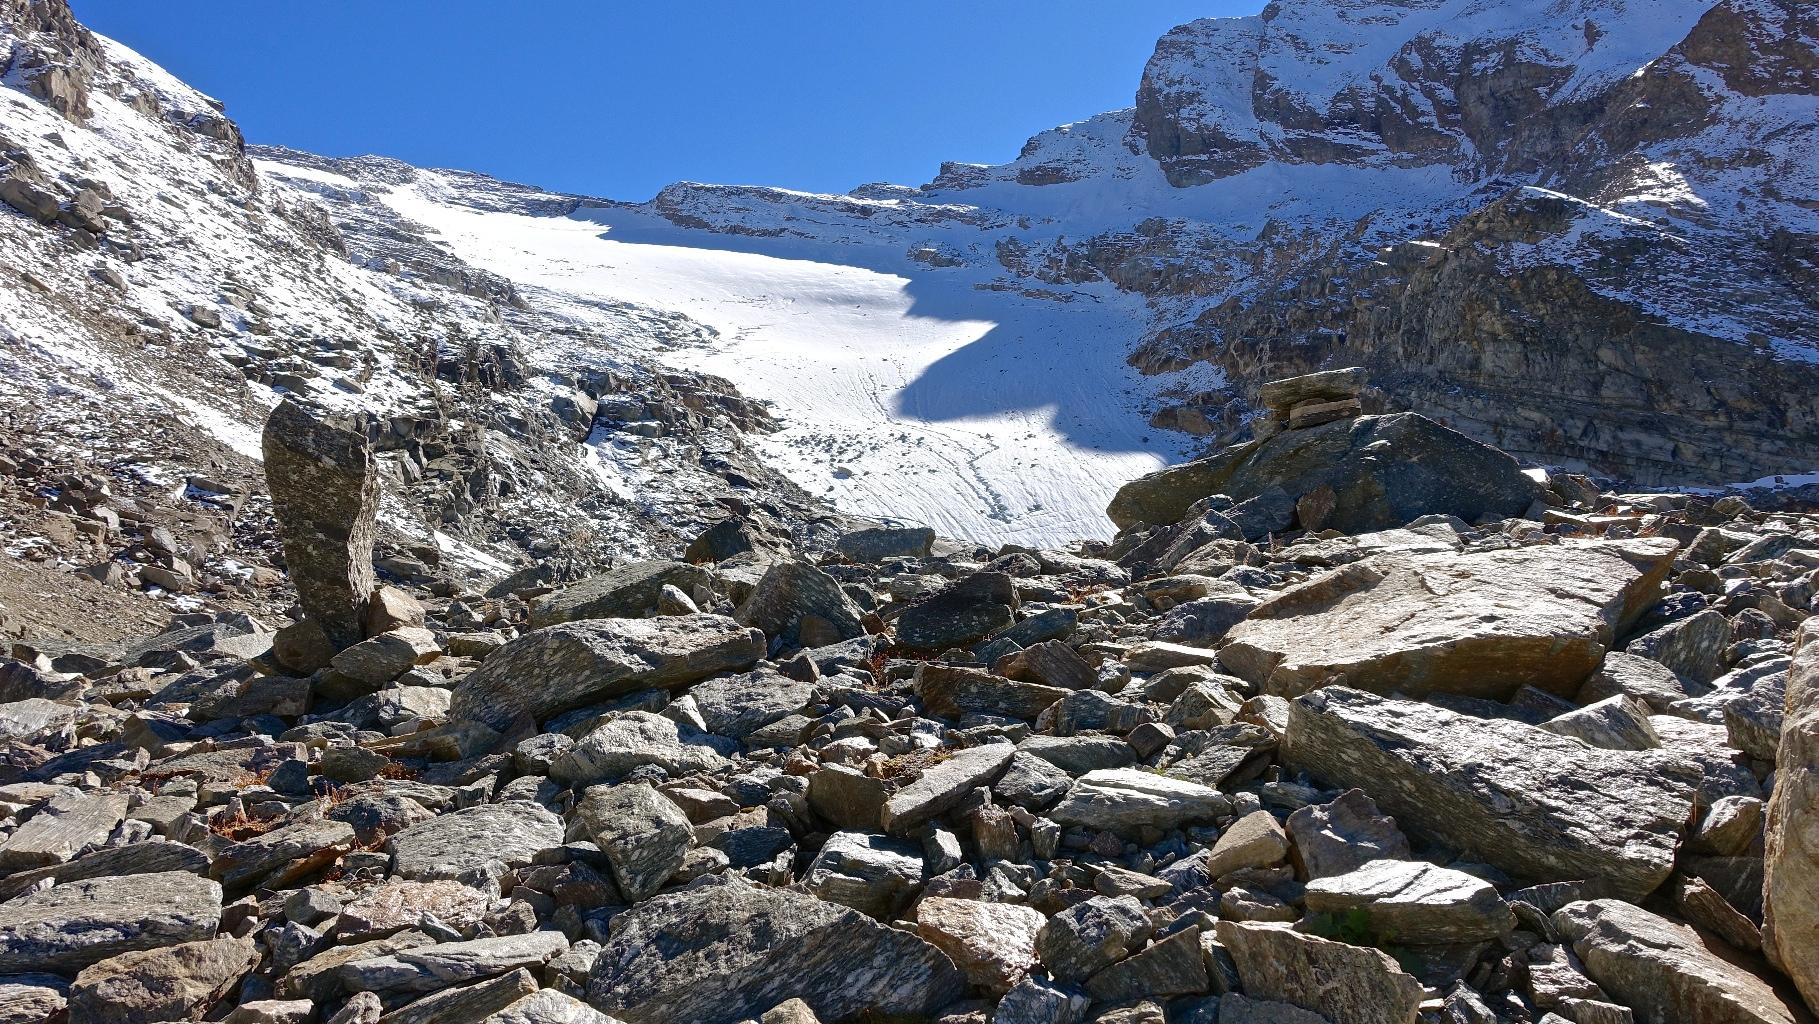 Lac de ciarforon circuit par le refuge v emanuele et le vallon de seyvaz - Le refuge des 3 ours ...